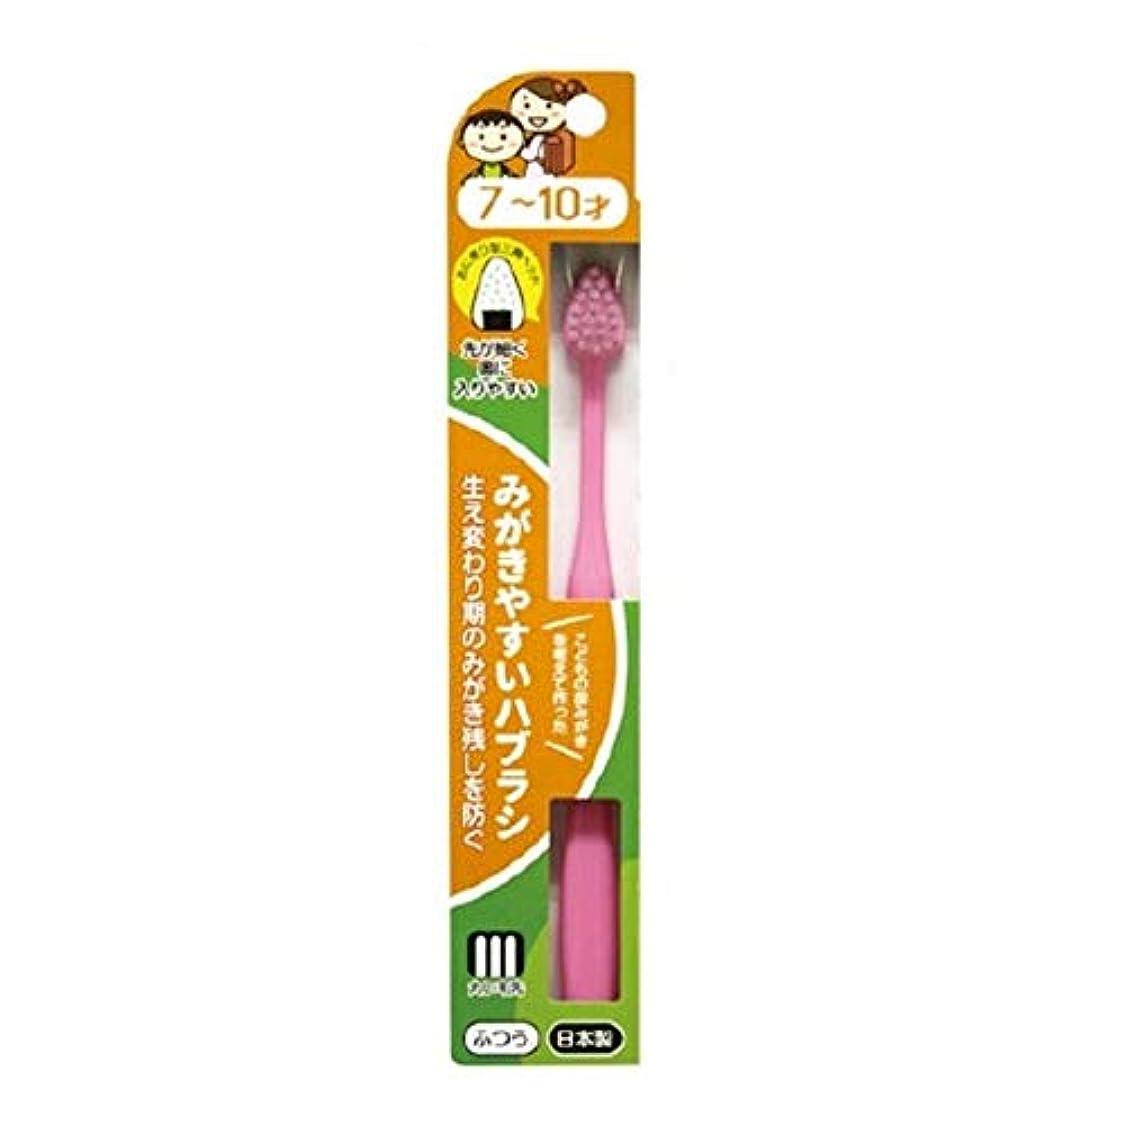 壁紙インチ医薬品みがきやすいハブラシ 7~10才用 LT-39(色選択不可)